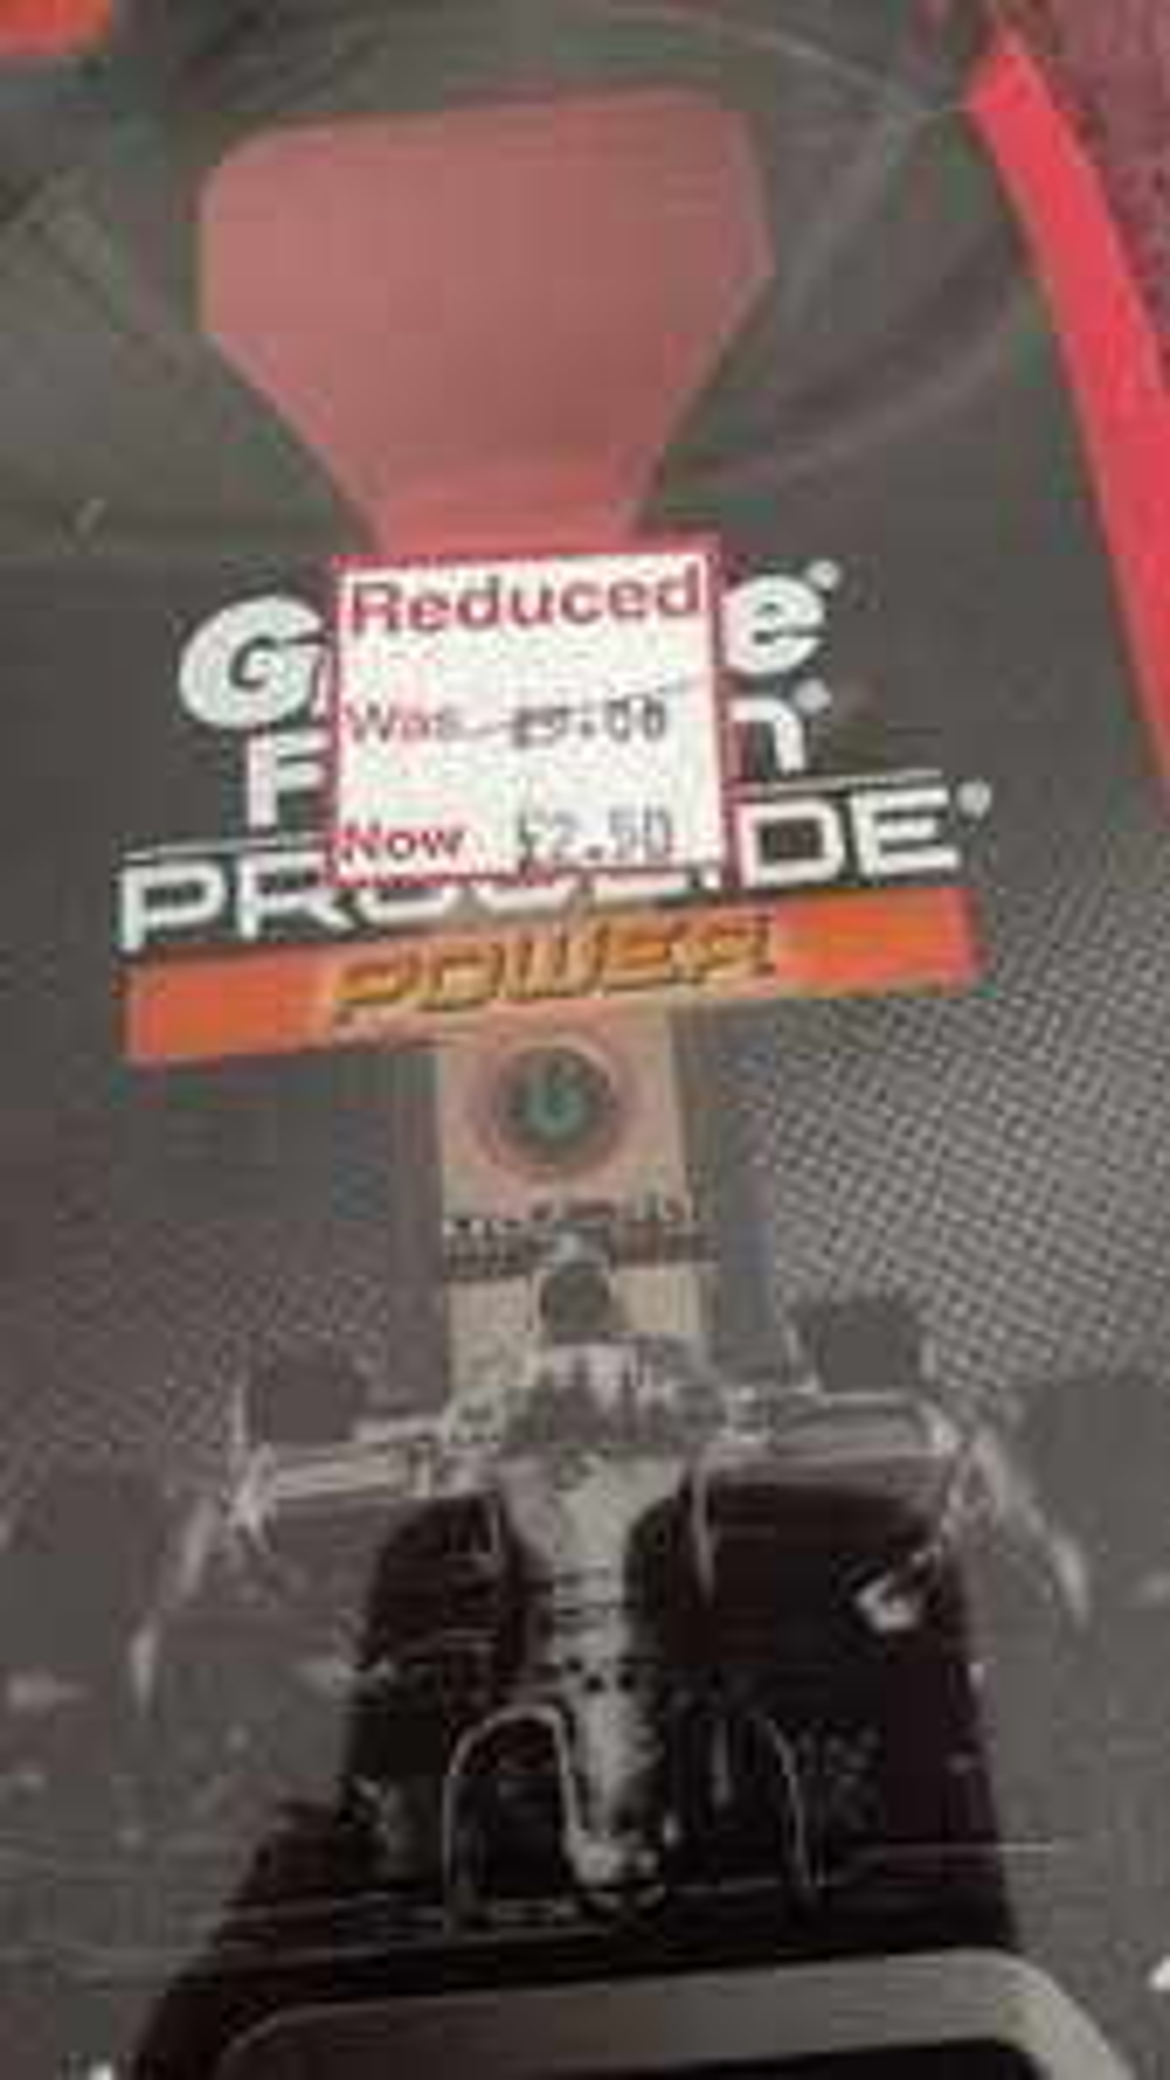 Gillette Fusion proglide power razor. £2.50 wilko